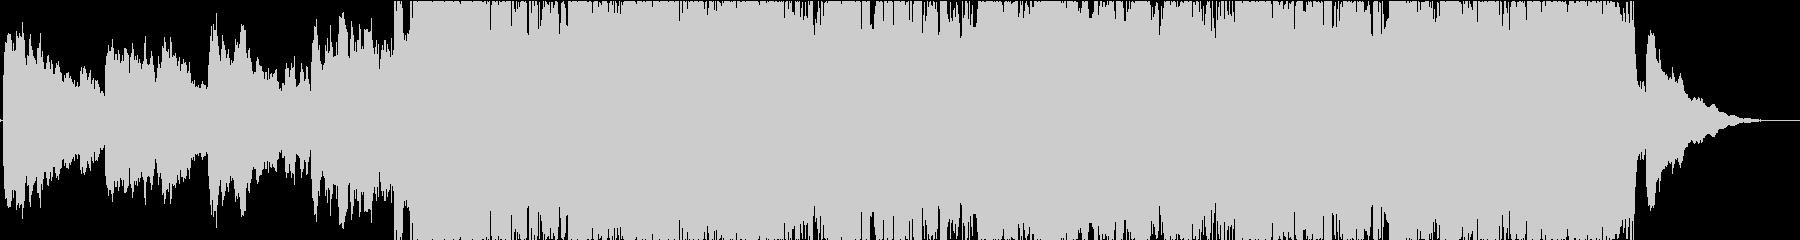 トラップ ヒップホップ R&B ポ...の未再生の波形